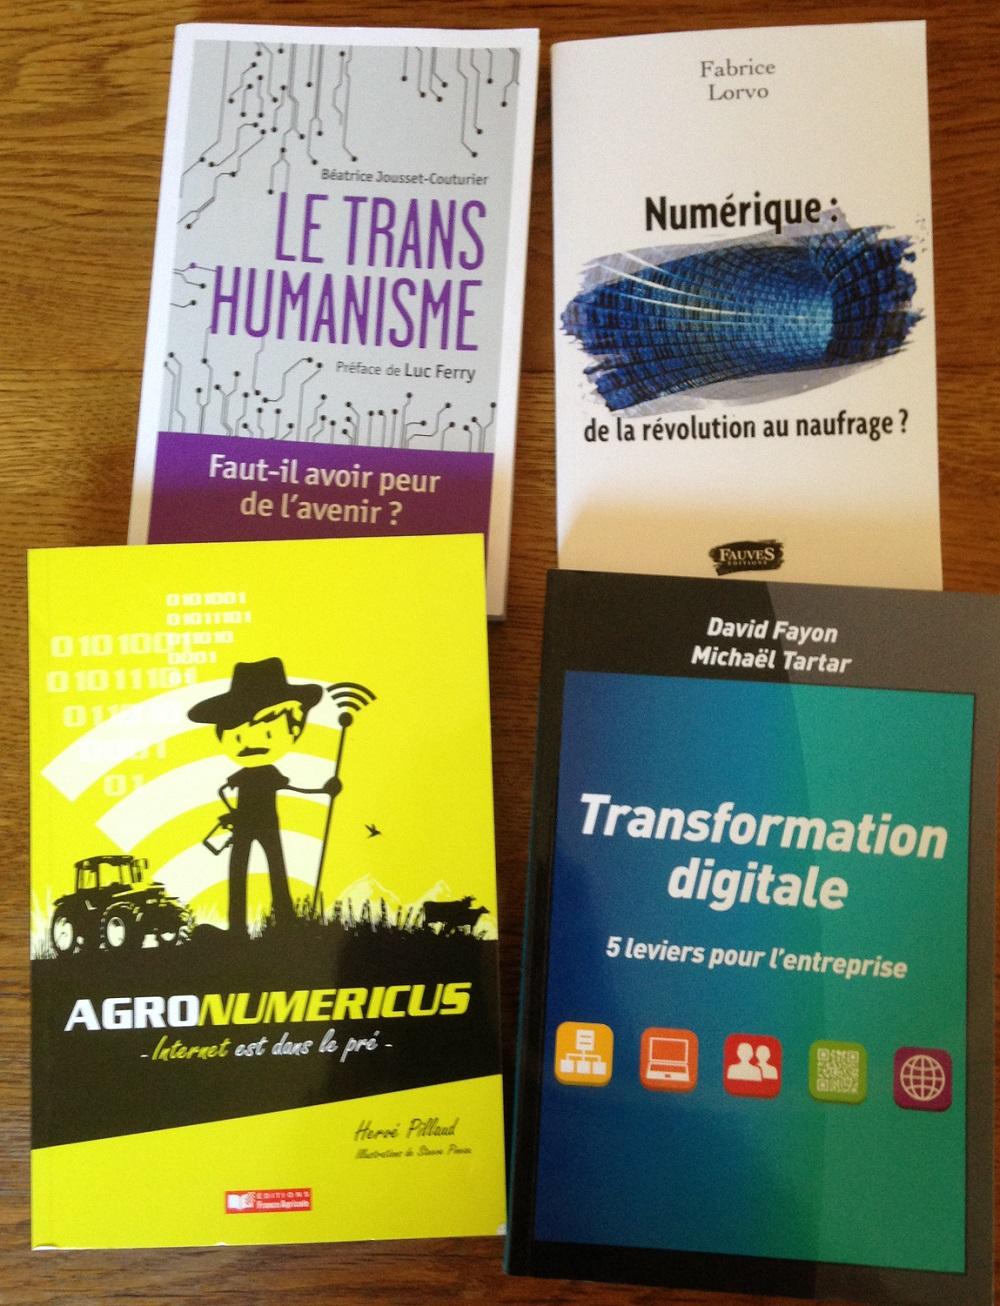 livres dans le numérique/digital à lire